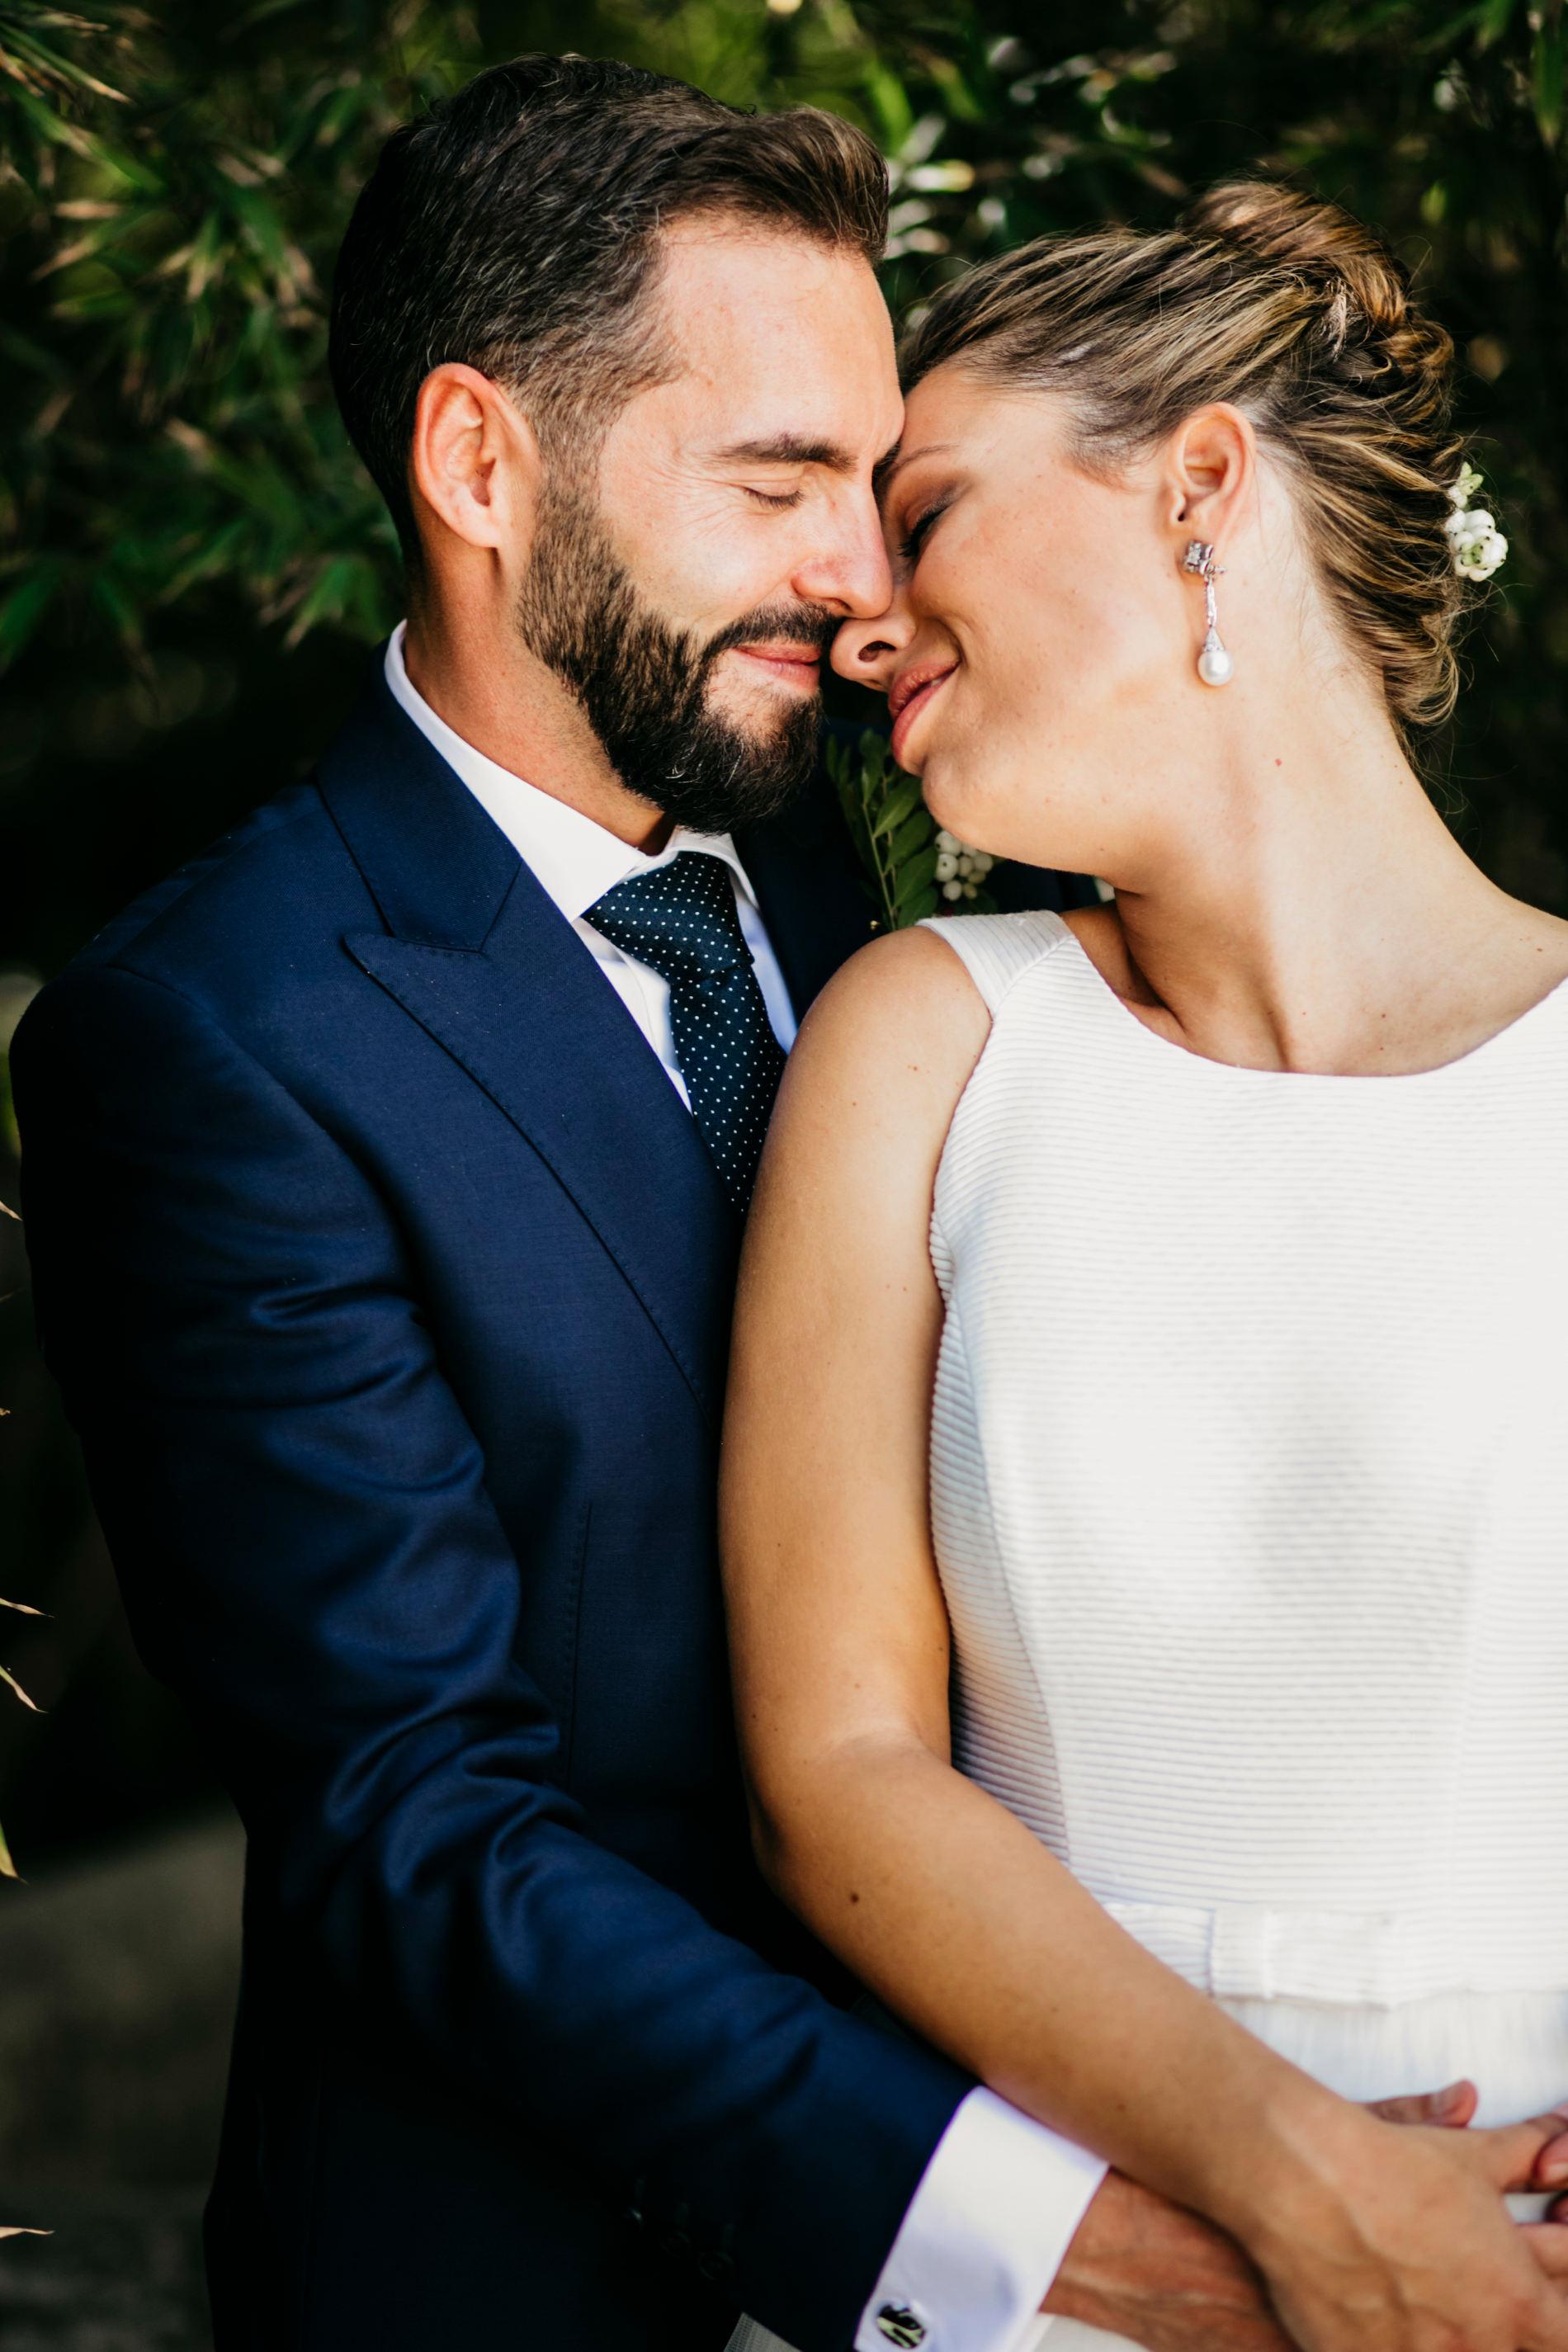 Proveedores esenciales para tu boda - Fotógrafo y videógrafo